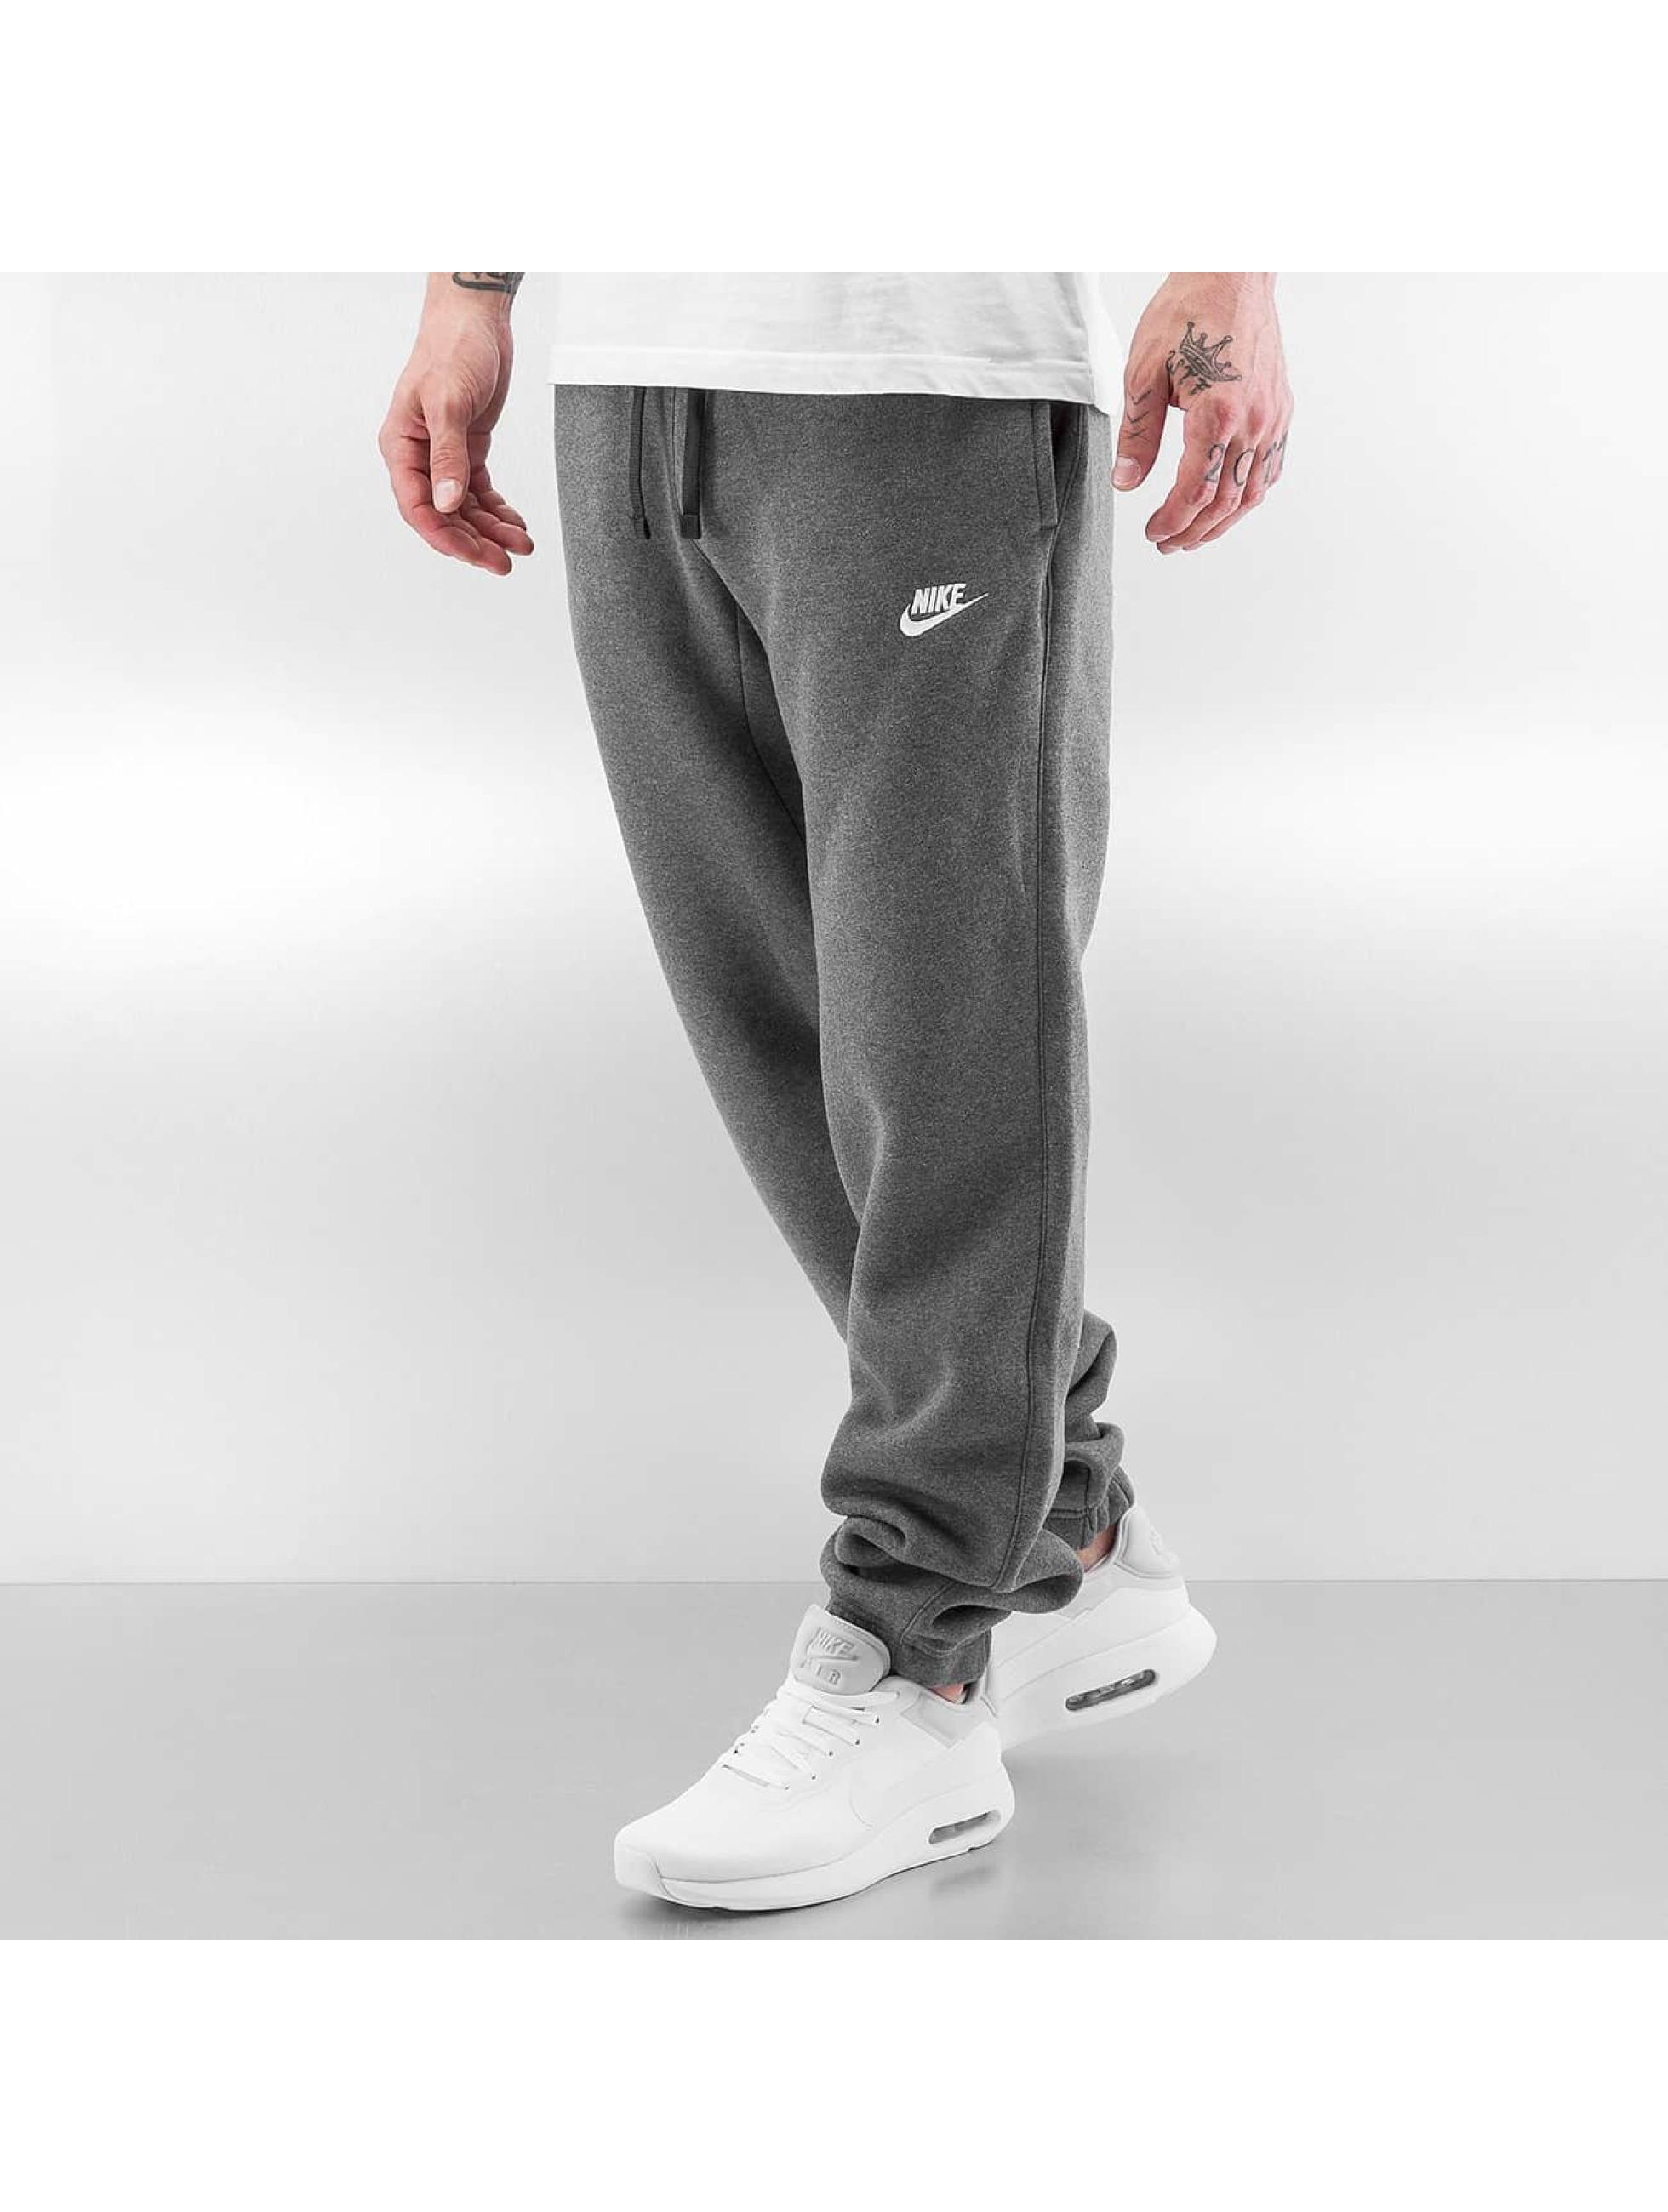 Nike Männer Jogginghose NSW CF FLC Club in grau